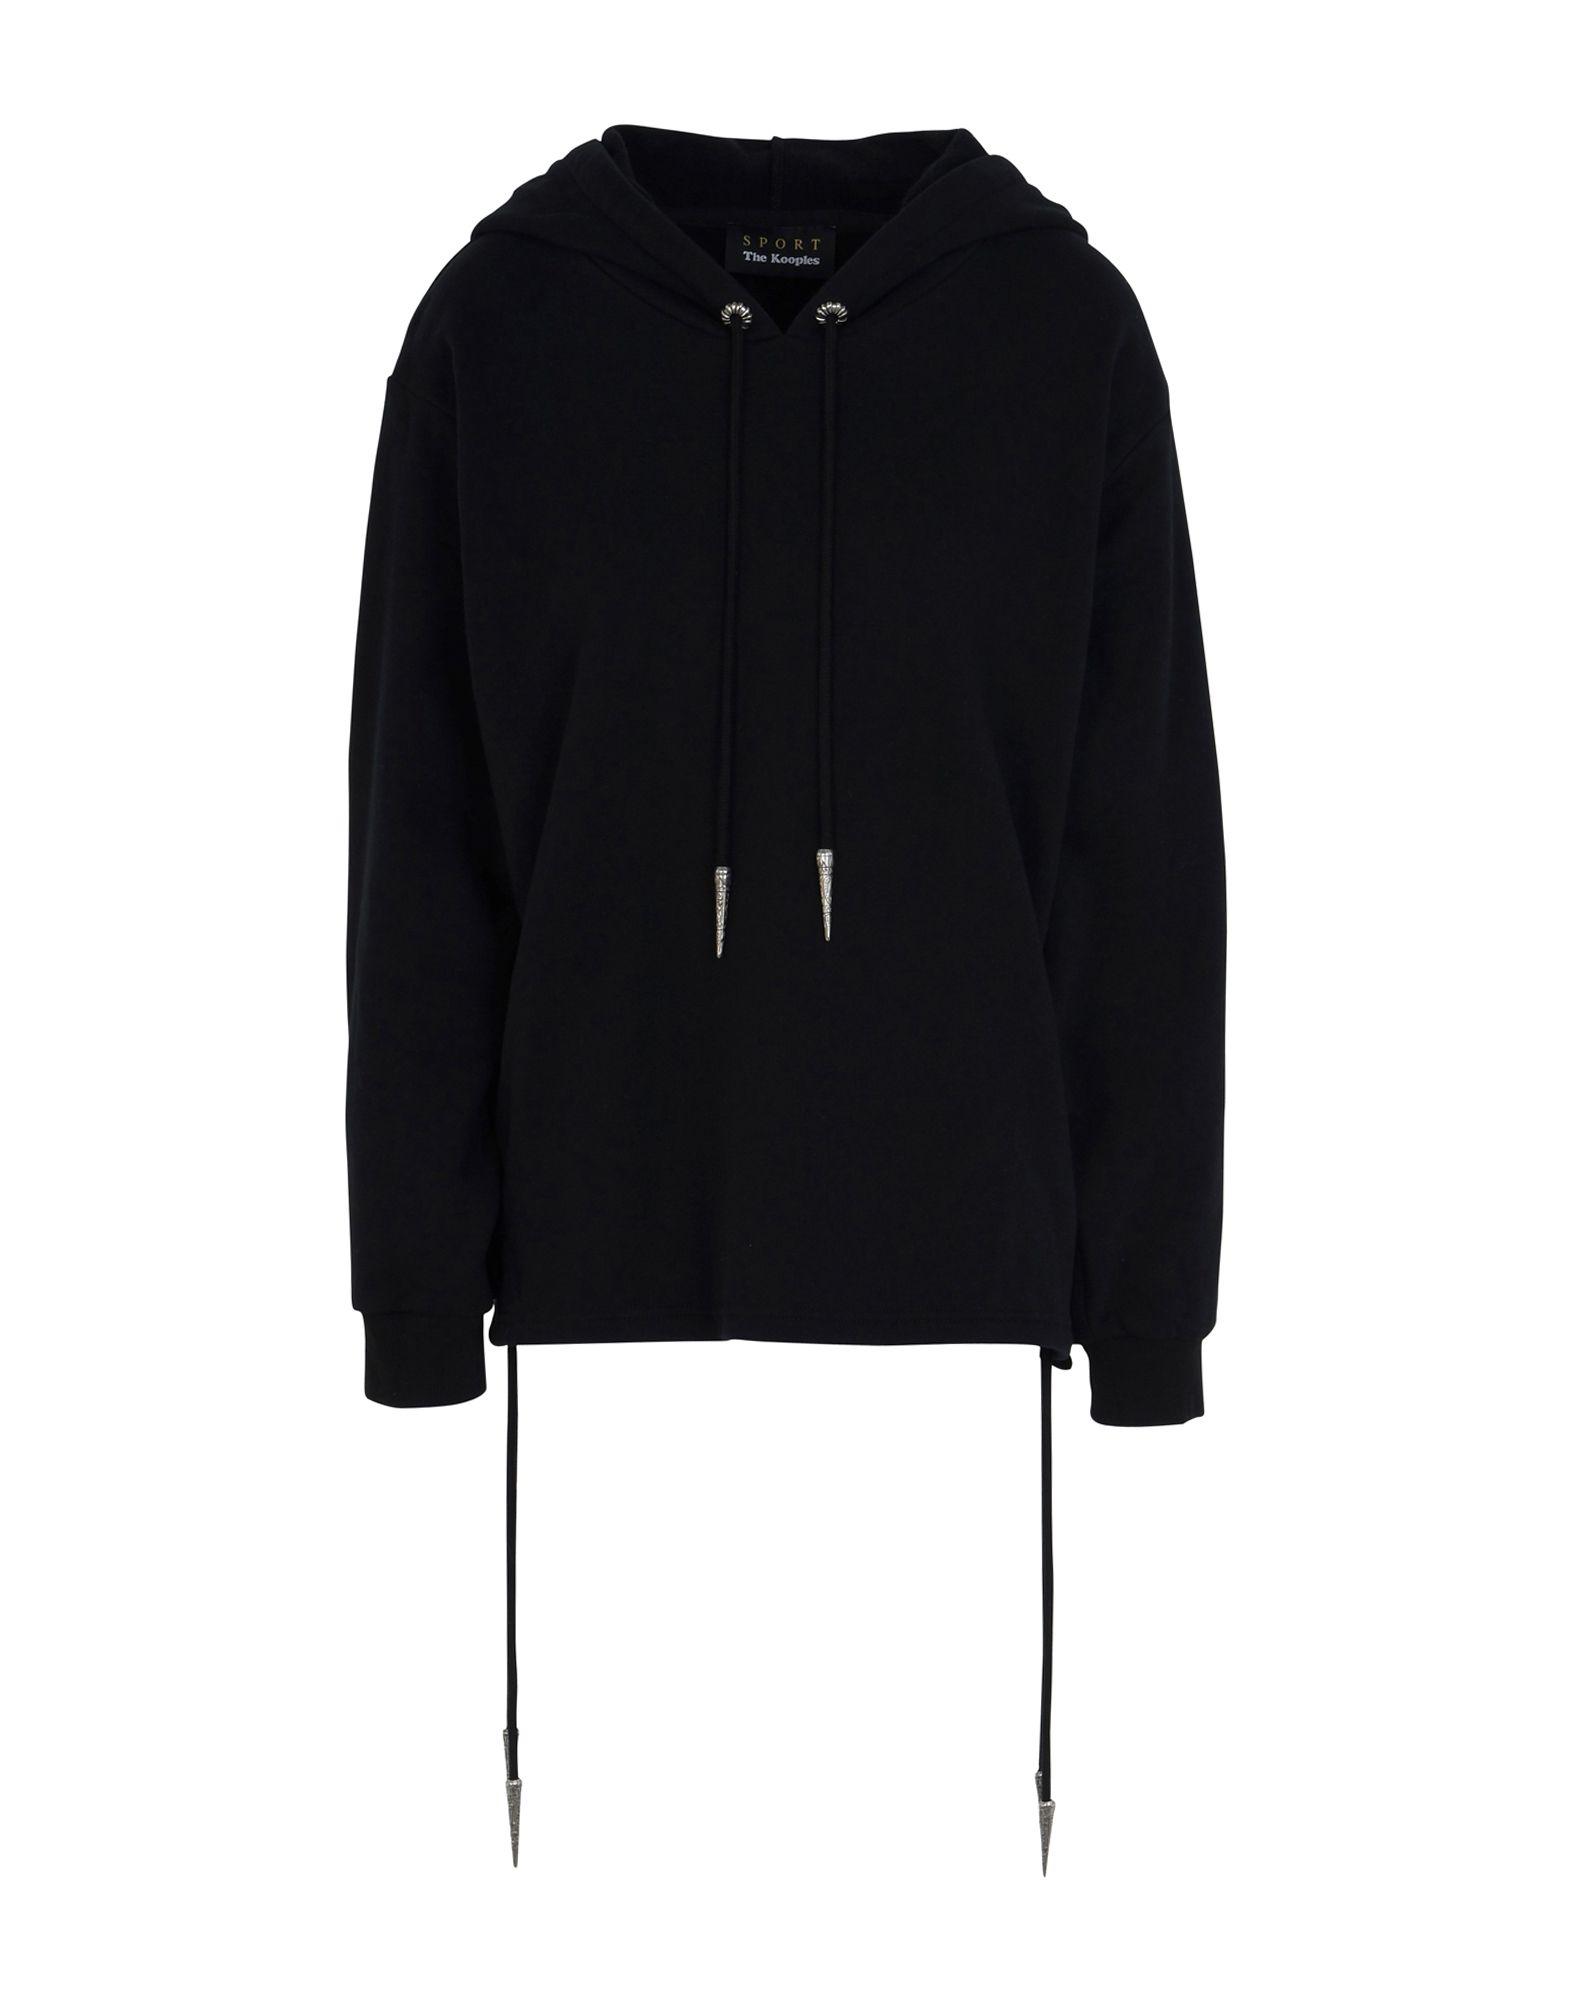 《送料無料》THE KOOPLES SPORT レディース スウェットシャツ ブラック 1 コットン 100% SWEATER WITH LACE DETAILS AT THE BOTTOM BODY